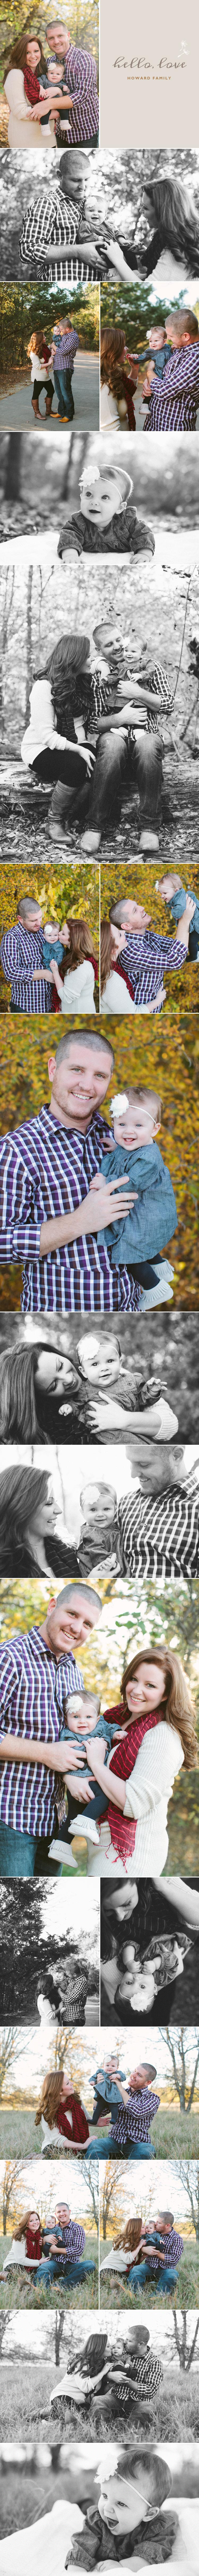 howardfamilyblog1.jpg